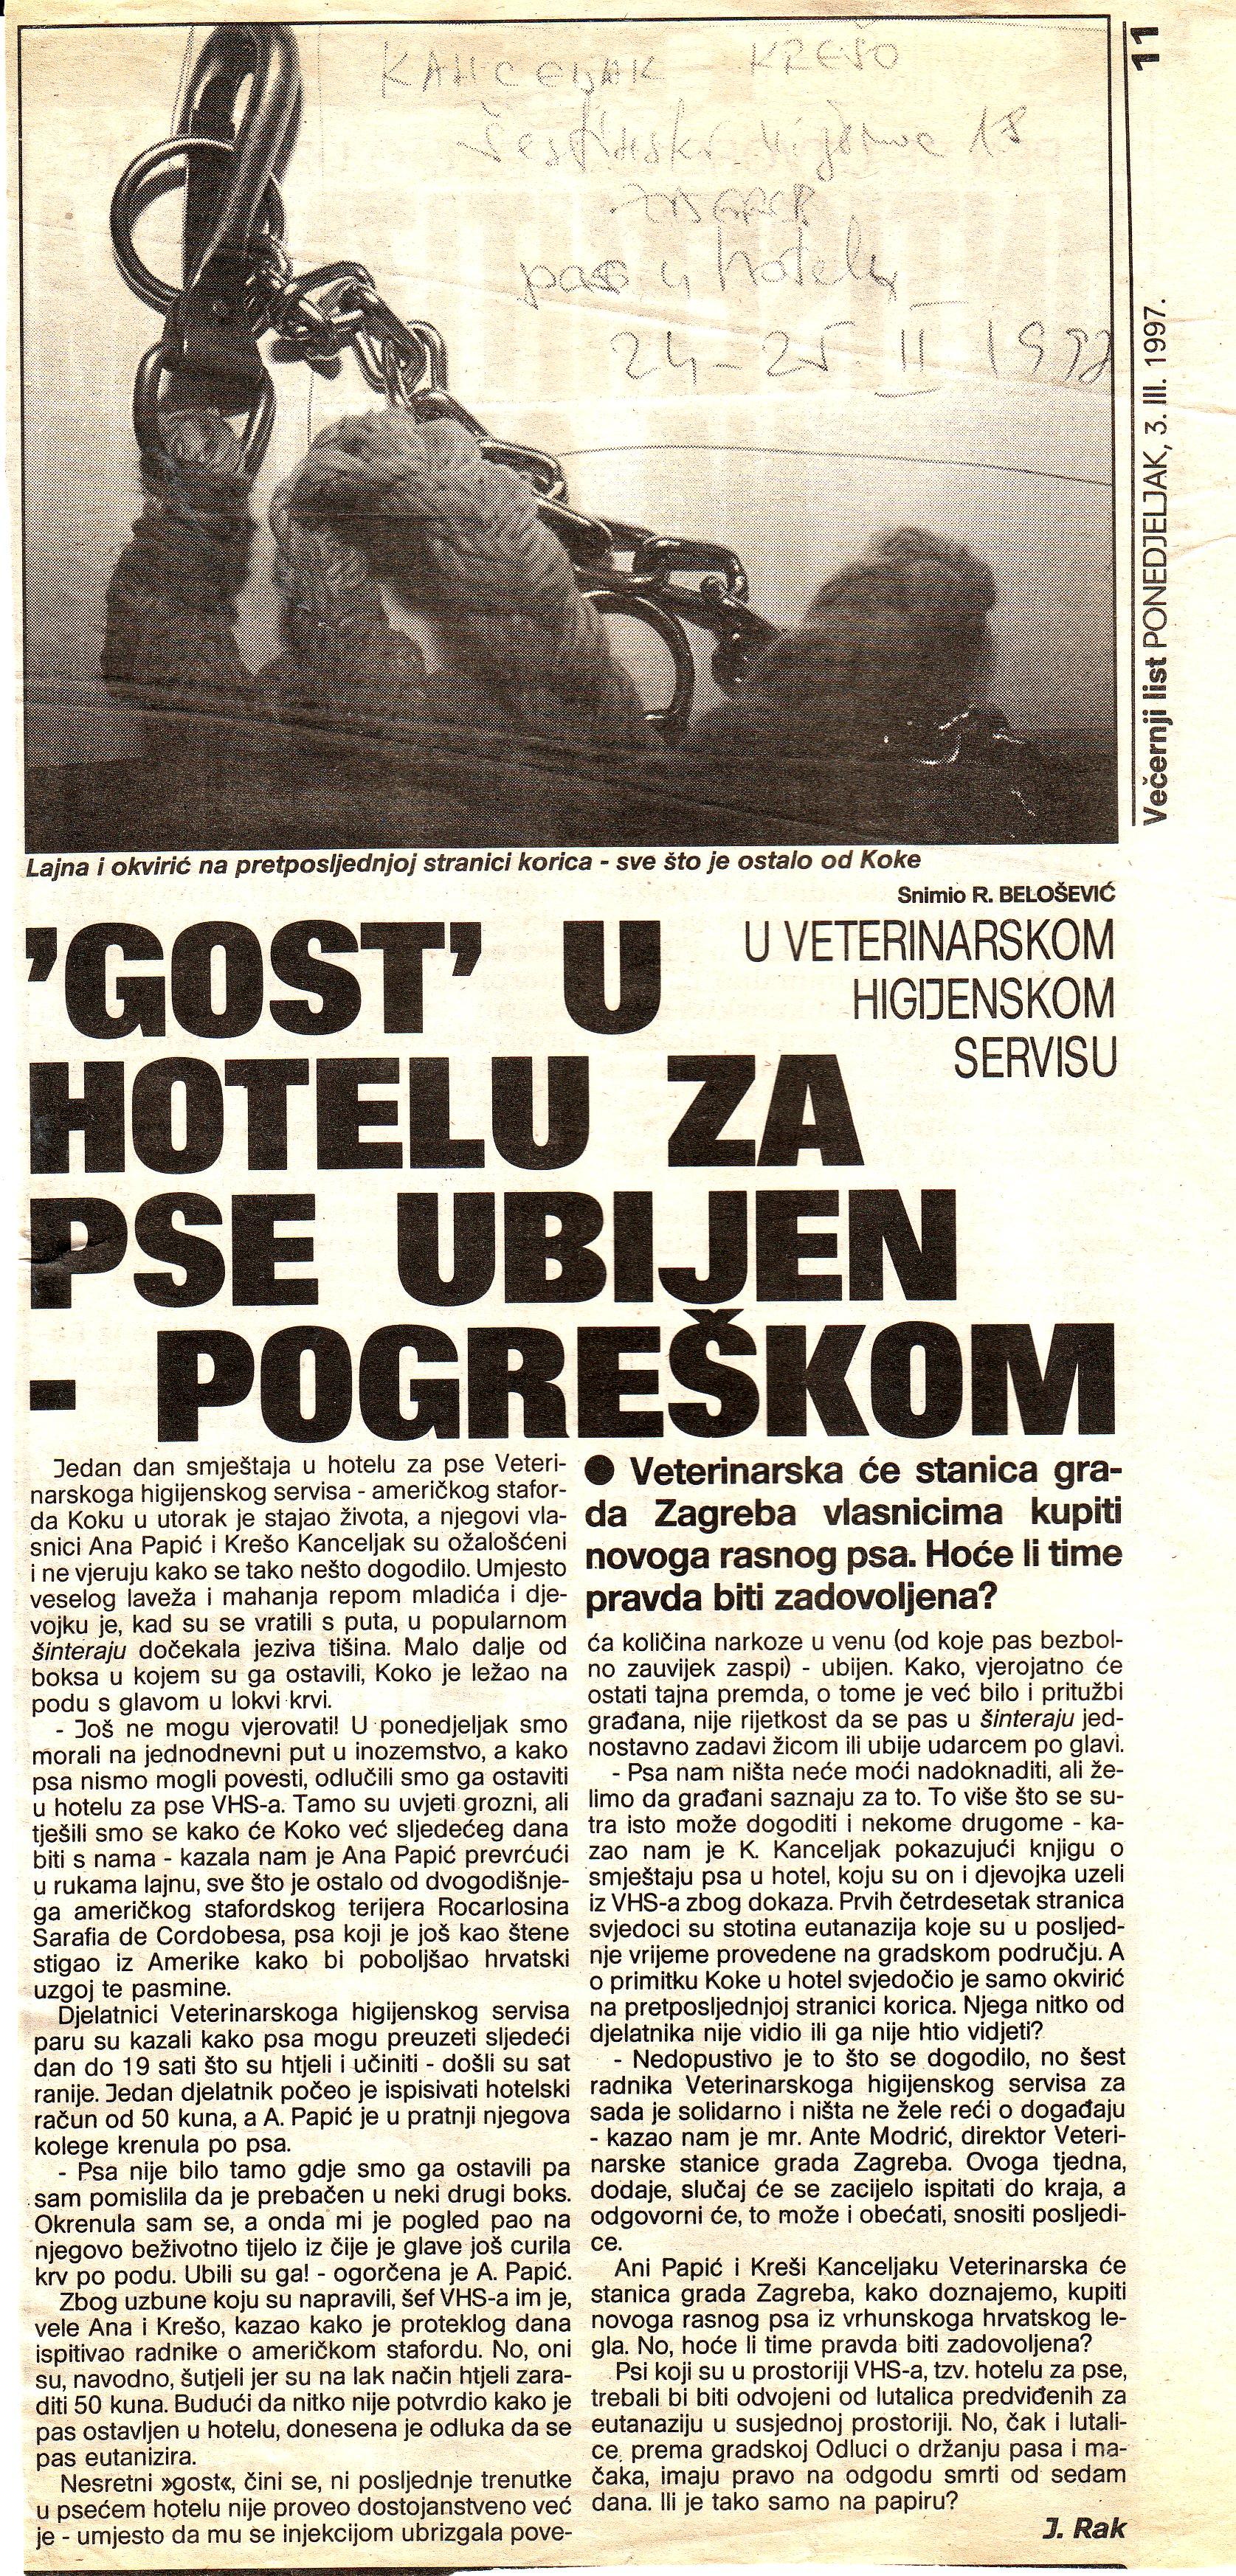 Gost u hotelu za pse ubijen pogreškom